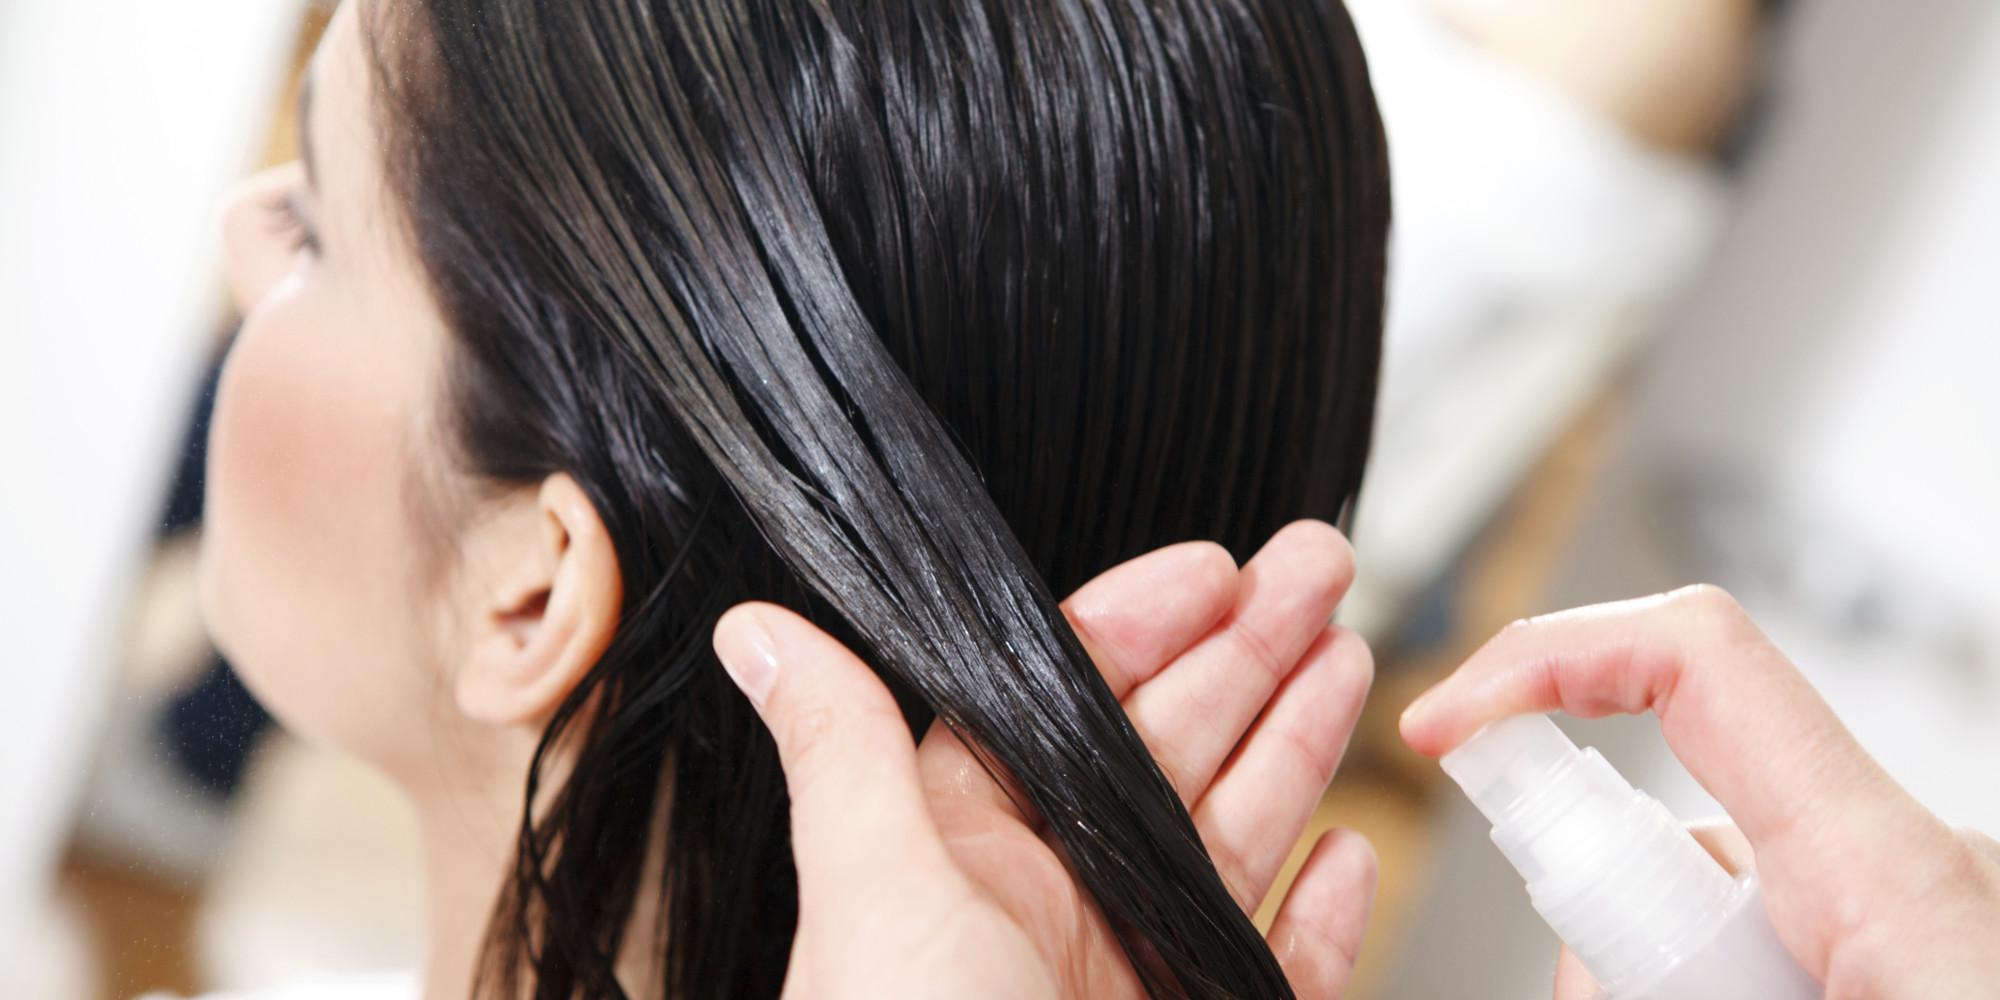 Увлажняем волосы своими руками 5